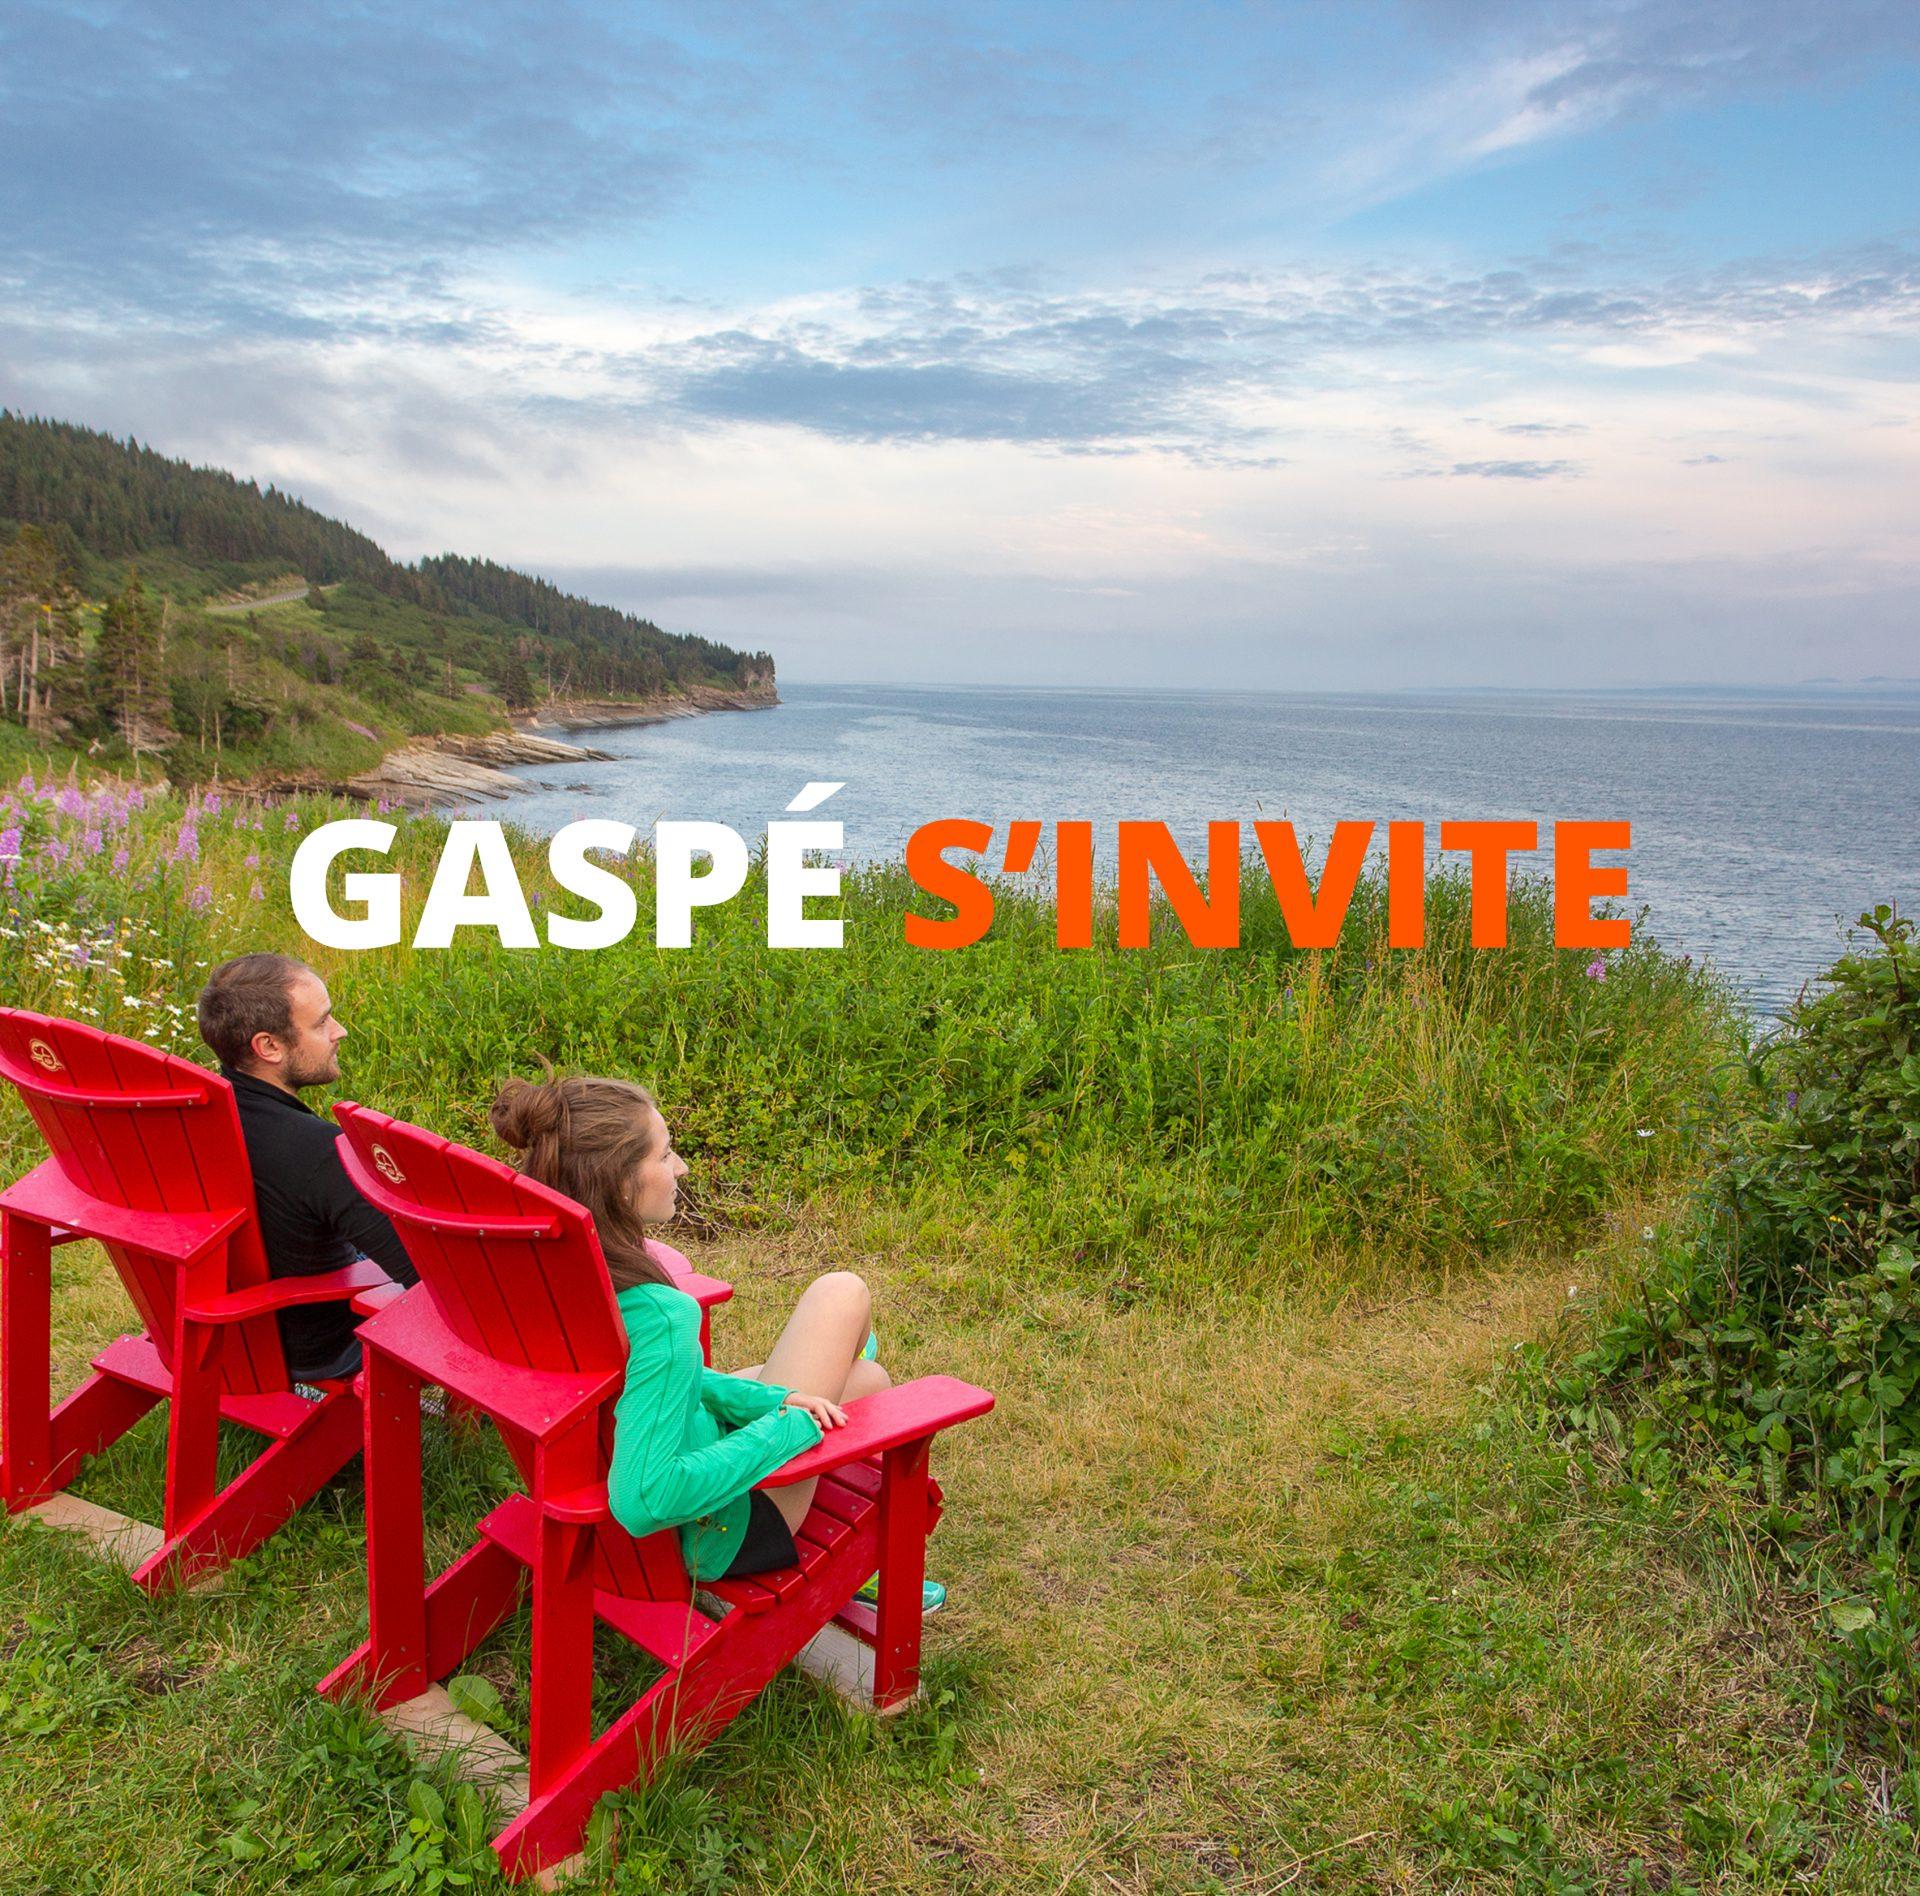 Gaspé s'invite : Les chaises rouges de Forillon… à la maison!